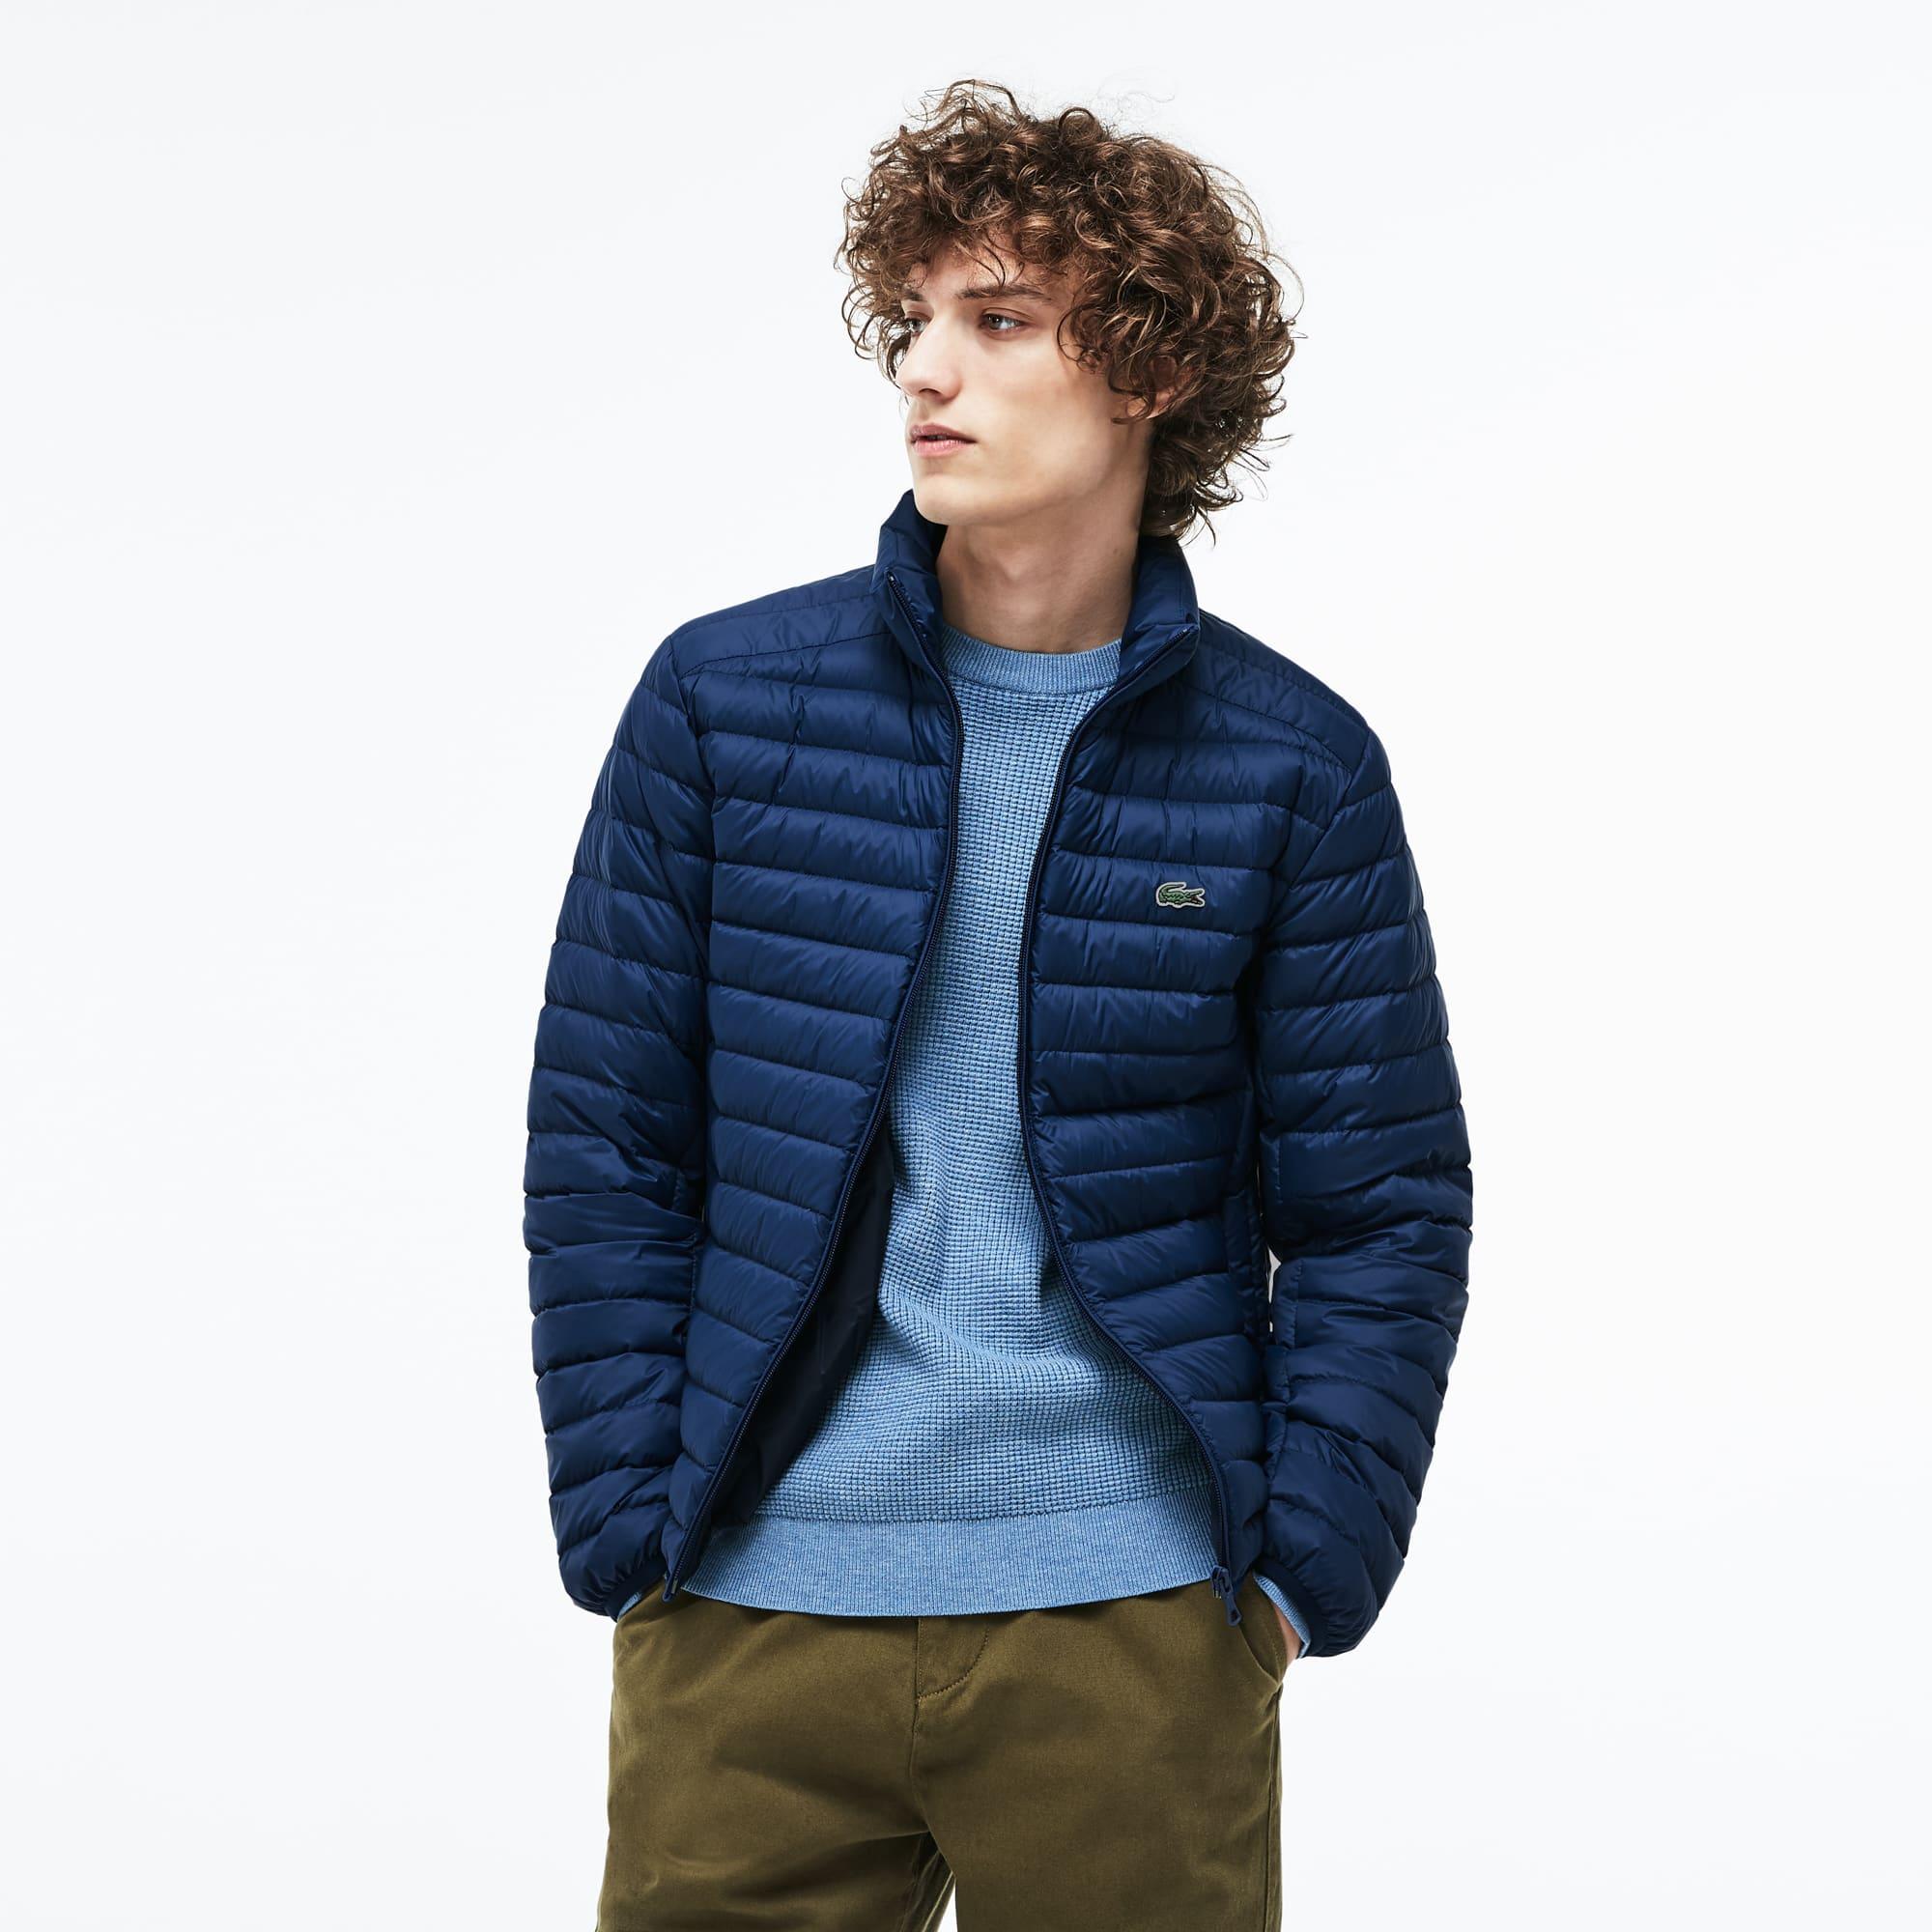 Vêtements Blousons Homme amp; Lacoste Manteaux zqaX7wW